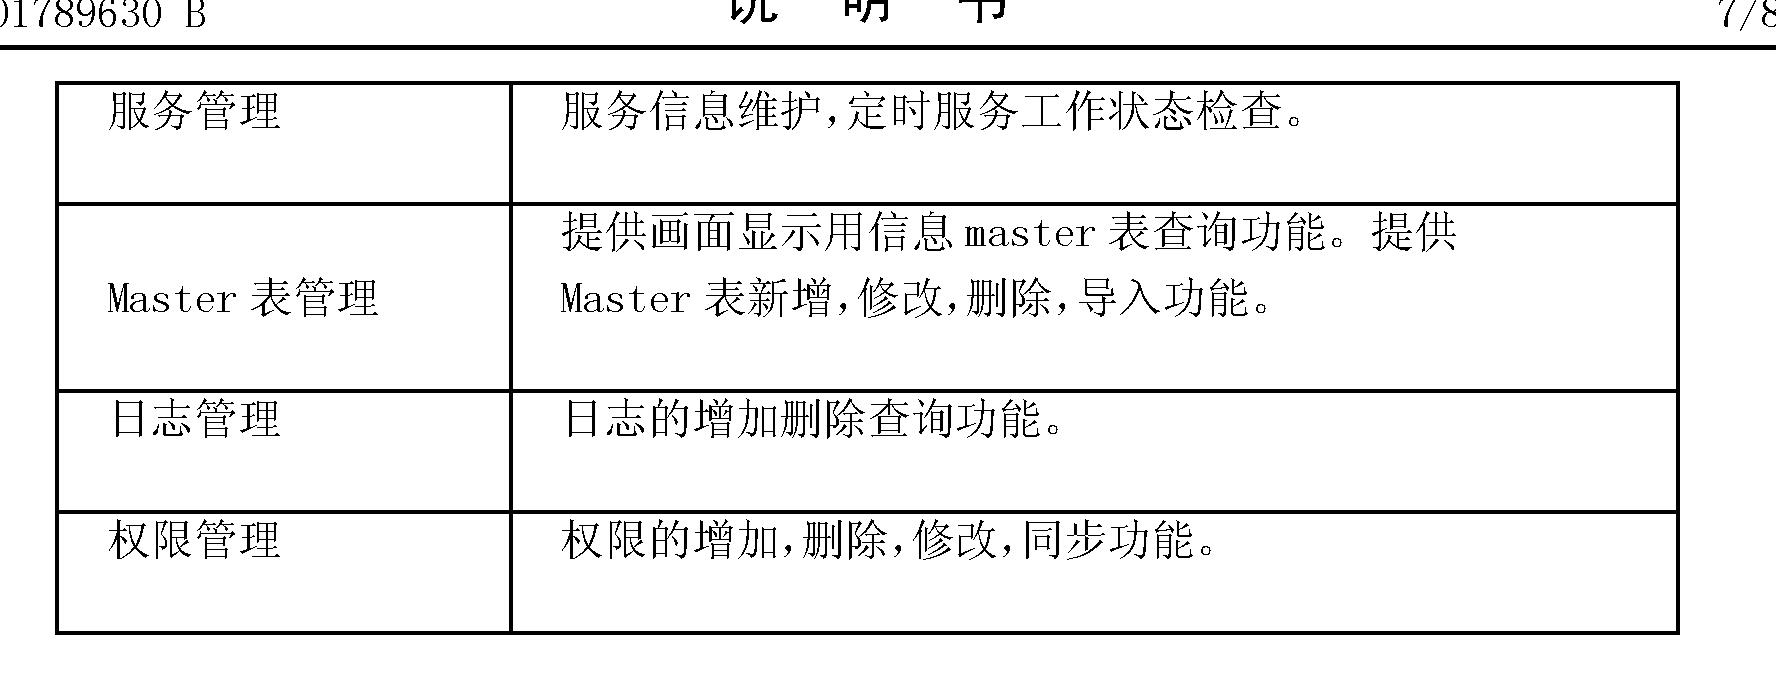 Figure CN101789630BD00101